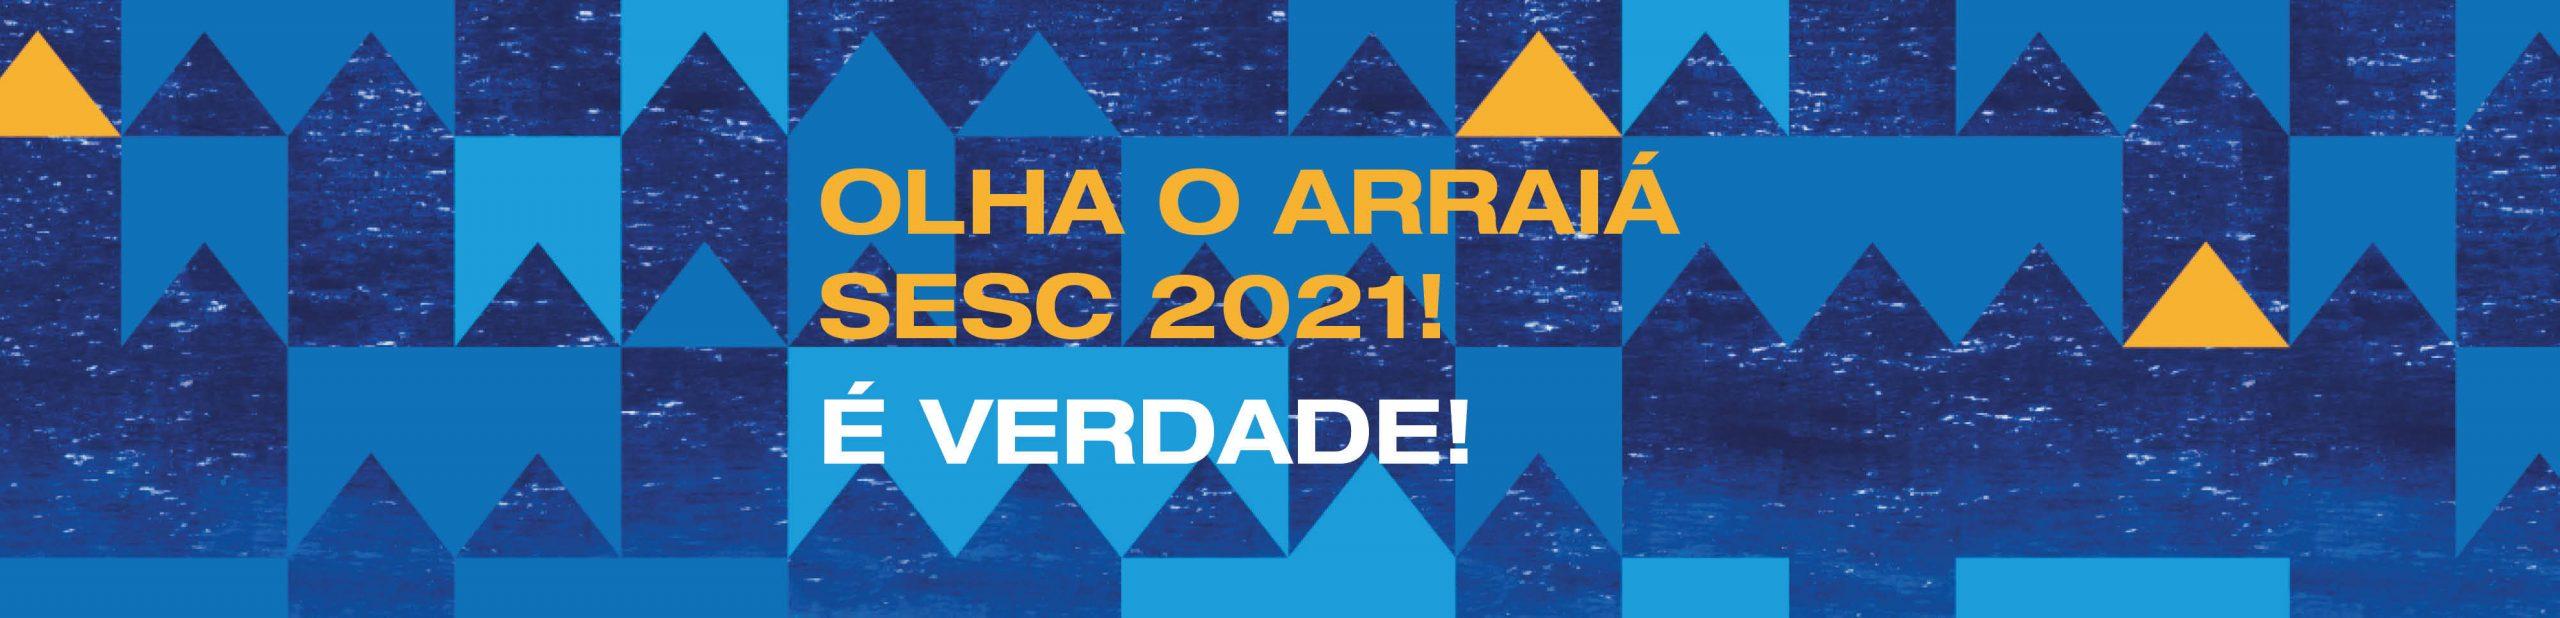 Arraiá Sesc 2021